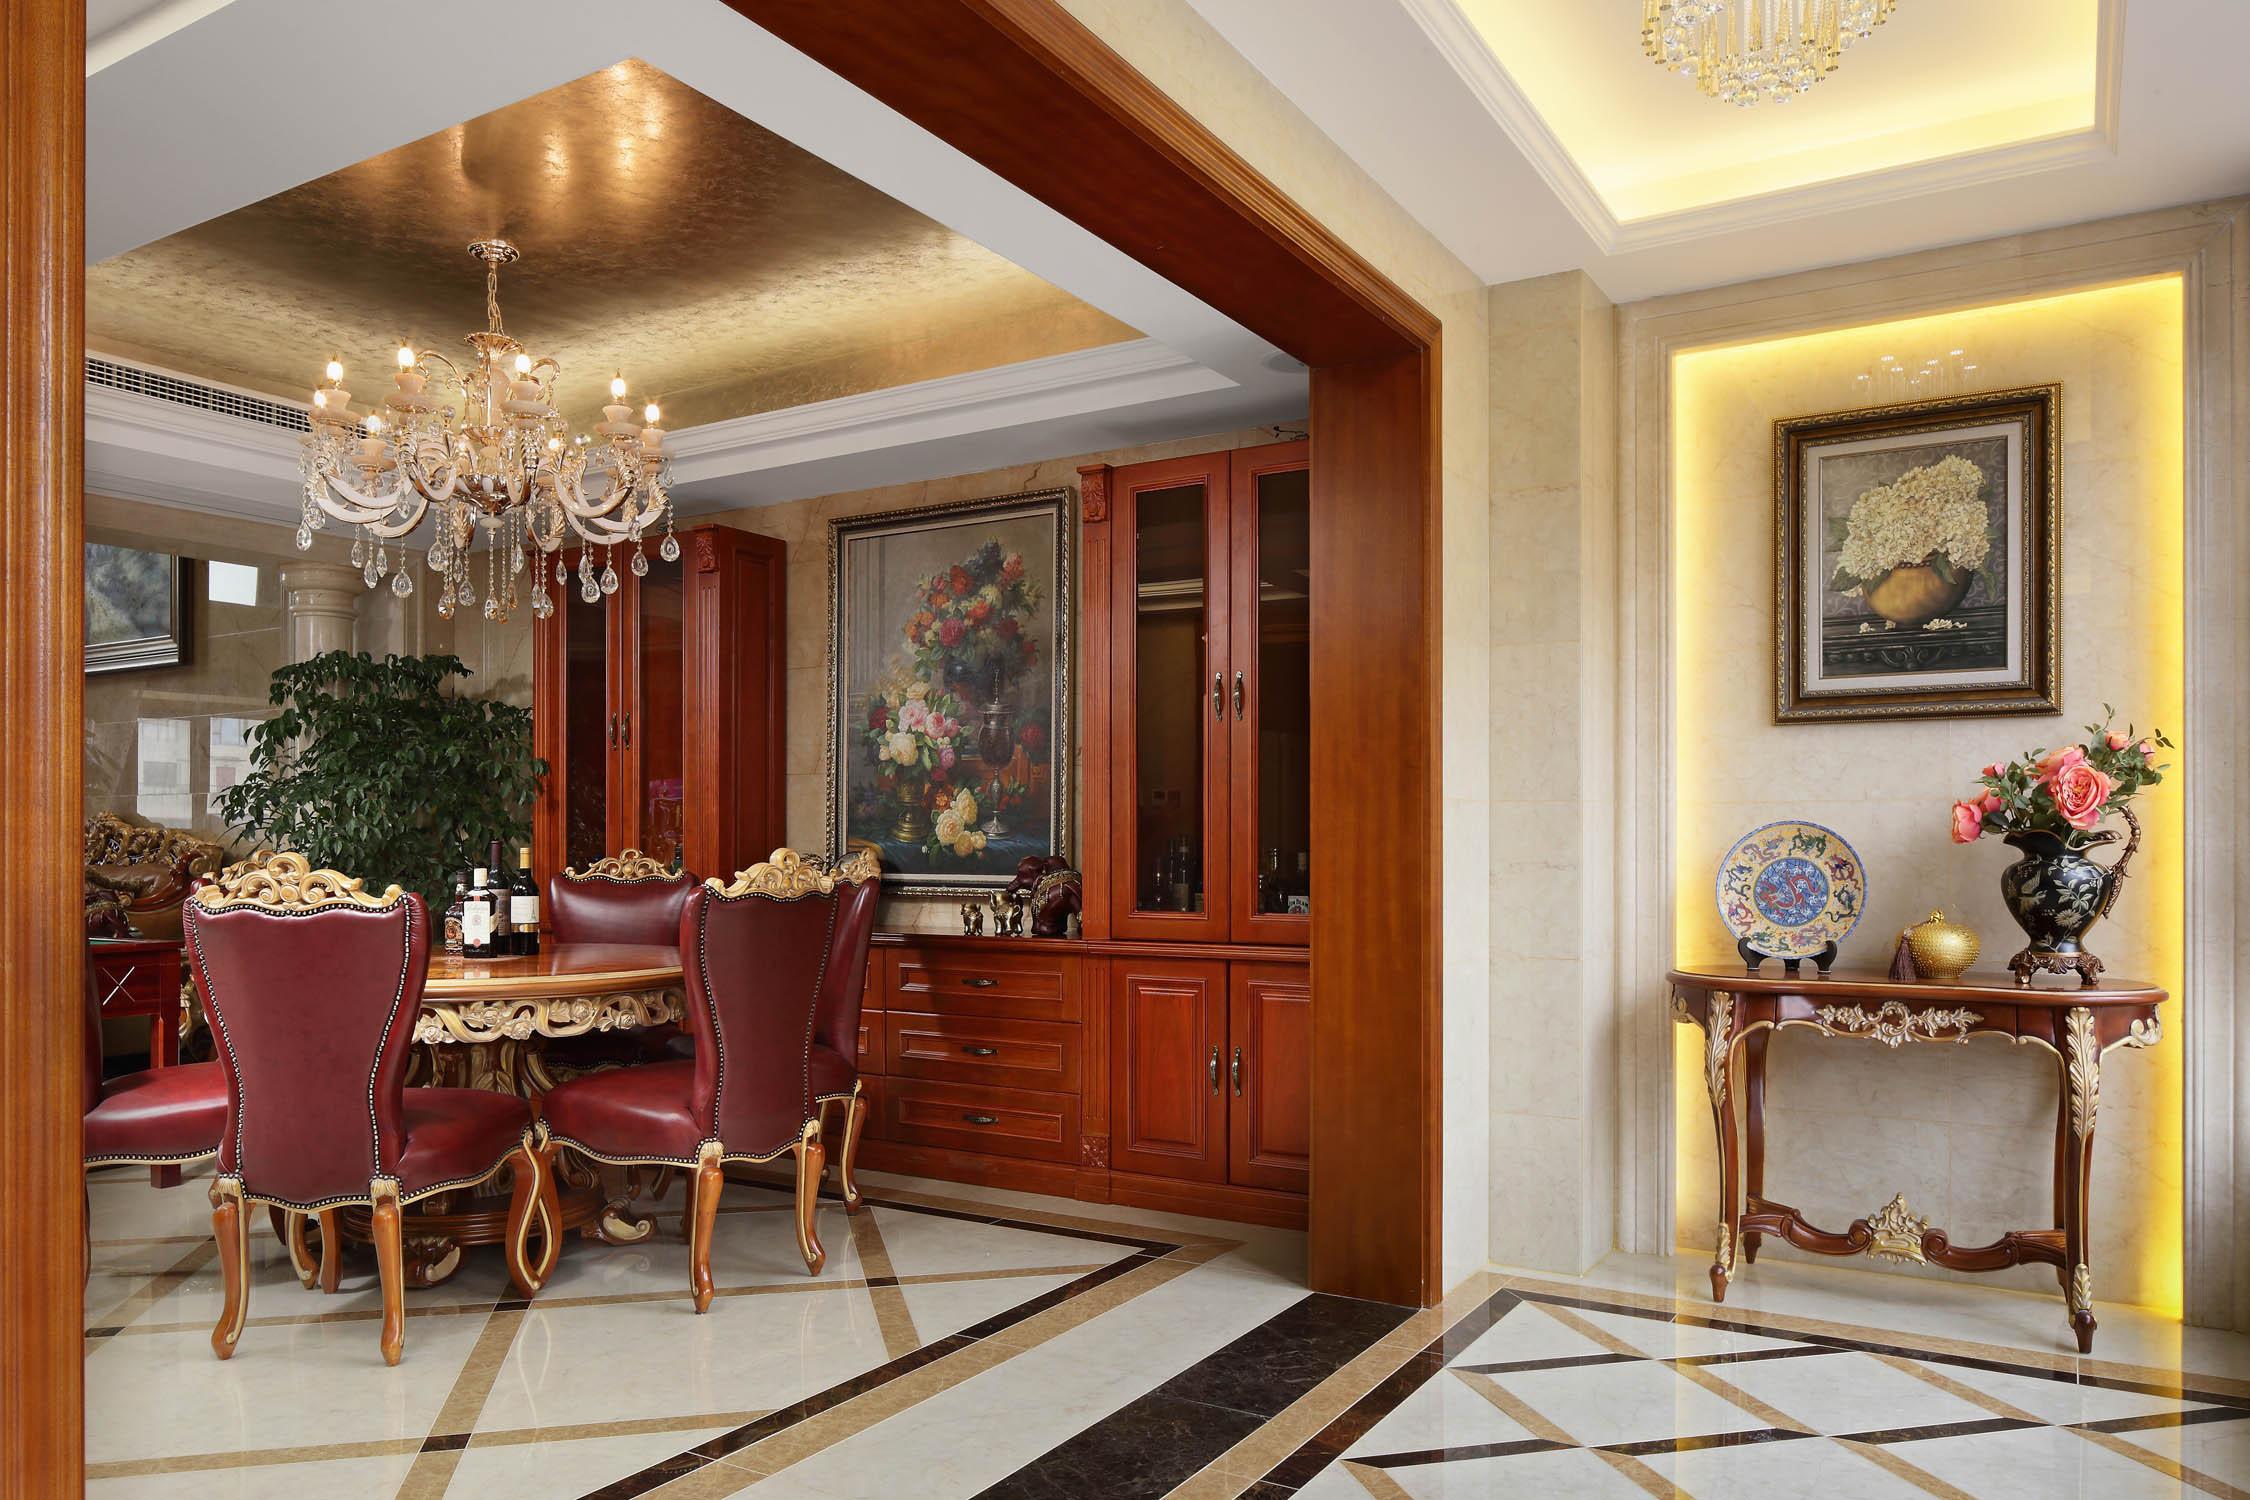 豪华欧式别墅装修玄关设计